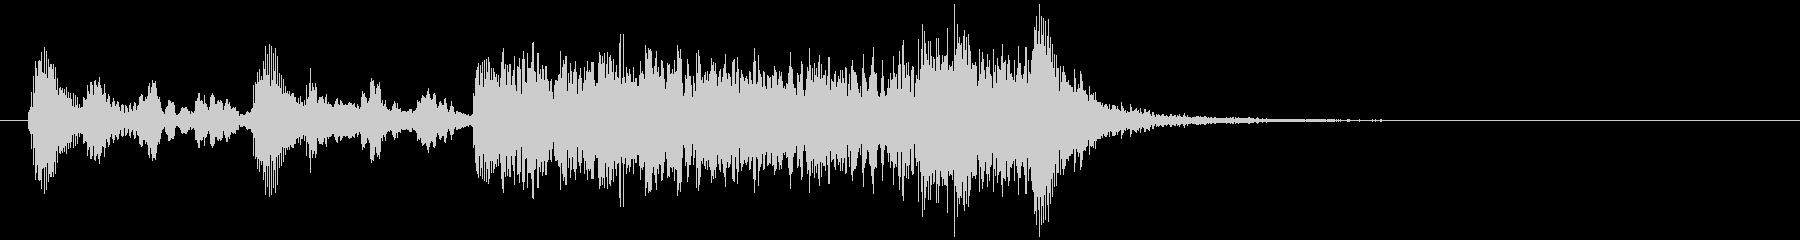 のほほんジングル026_コミカル-3の未再生の波形